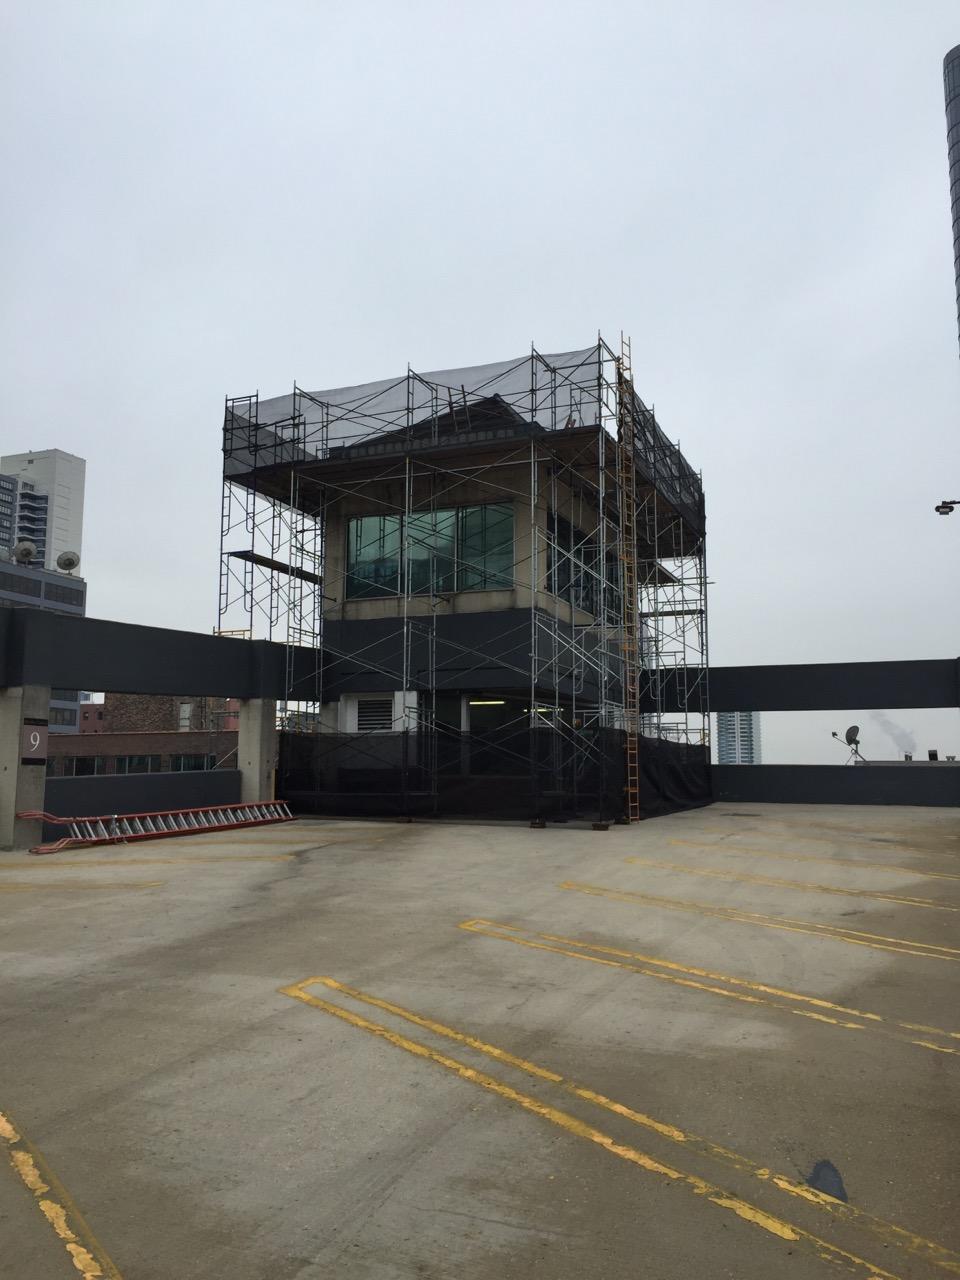 Chicago Parking Garage Scaffold